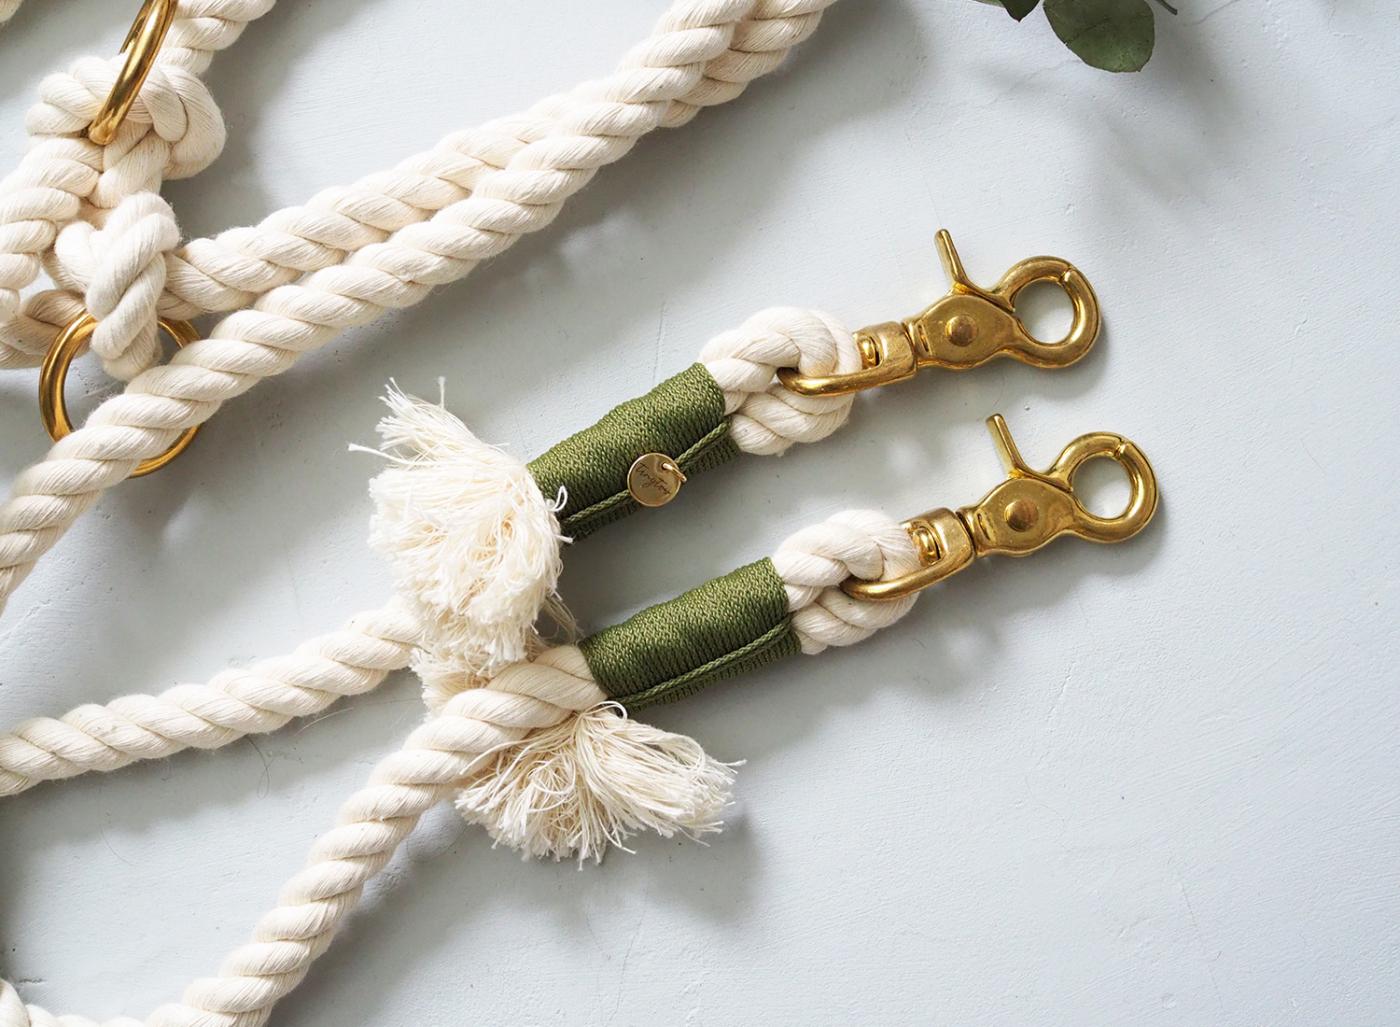 Hundeleine aus gedrehtem Baumwolltau in creme mit olivgrüner Takelung aus 10mm Tauseil.